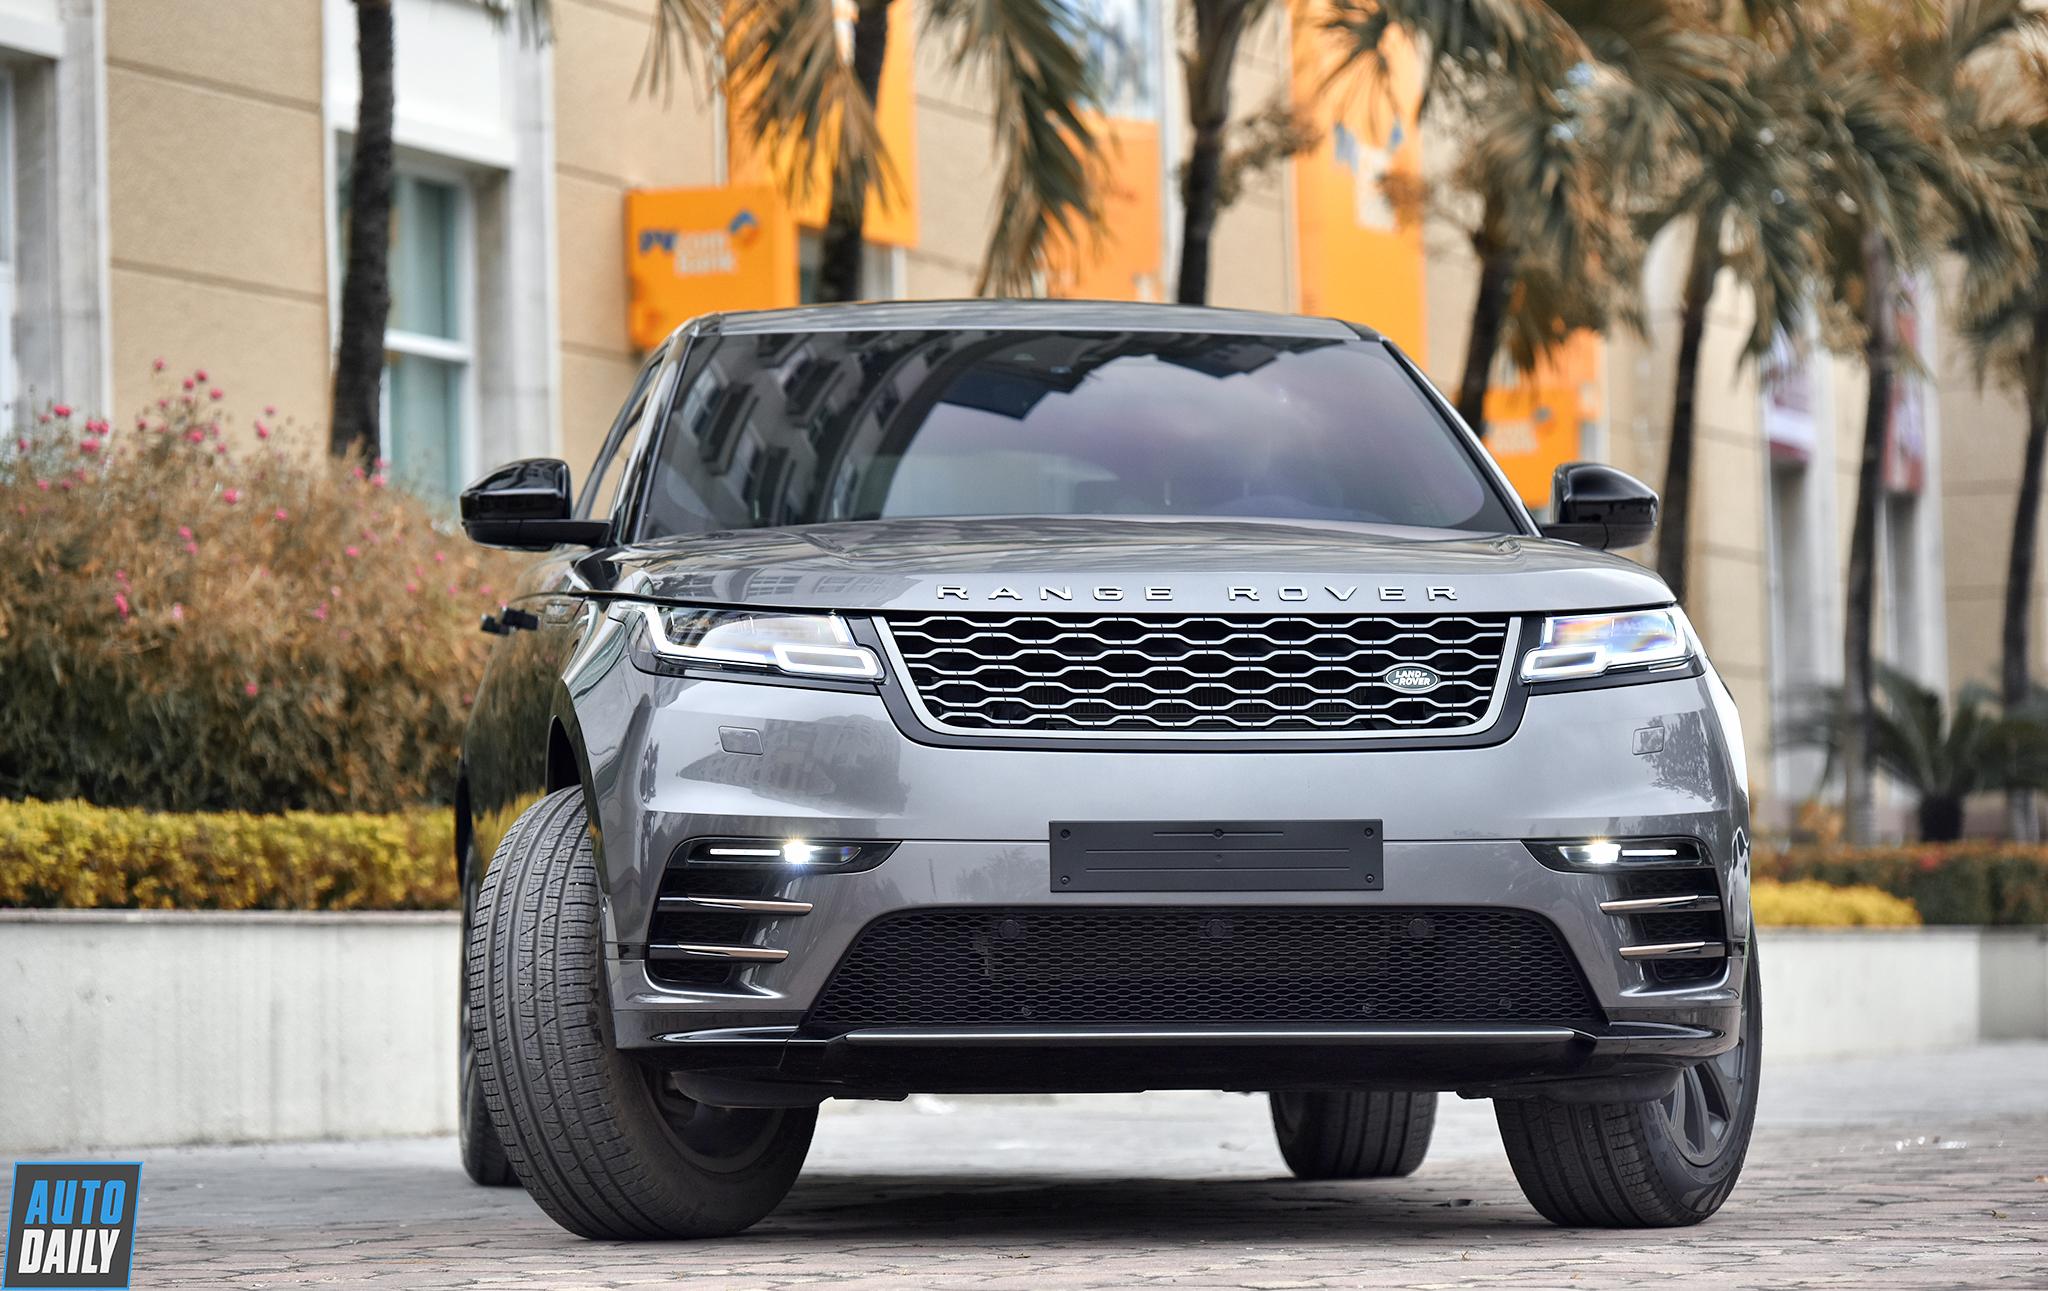 range-rover-velar-autodaily-13.jpg